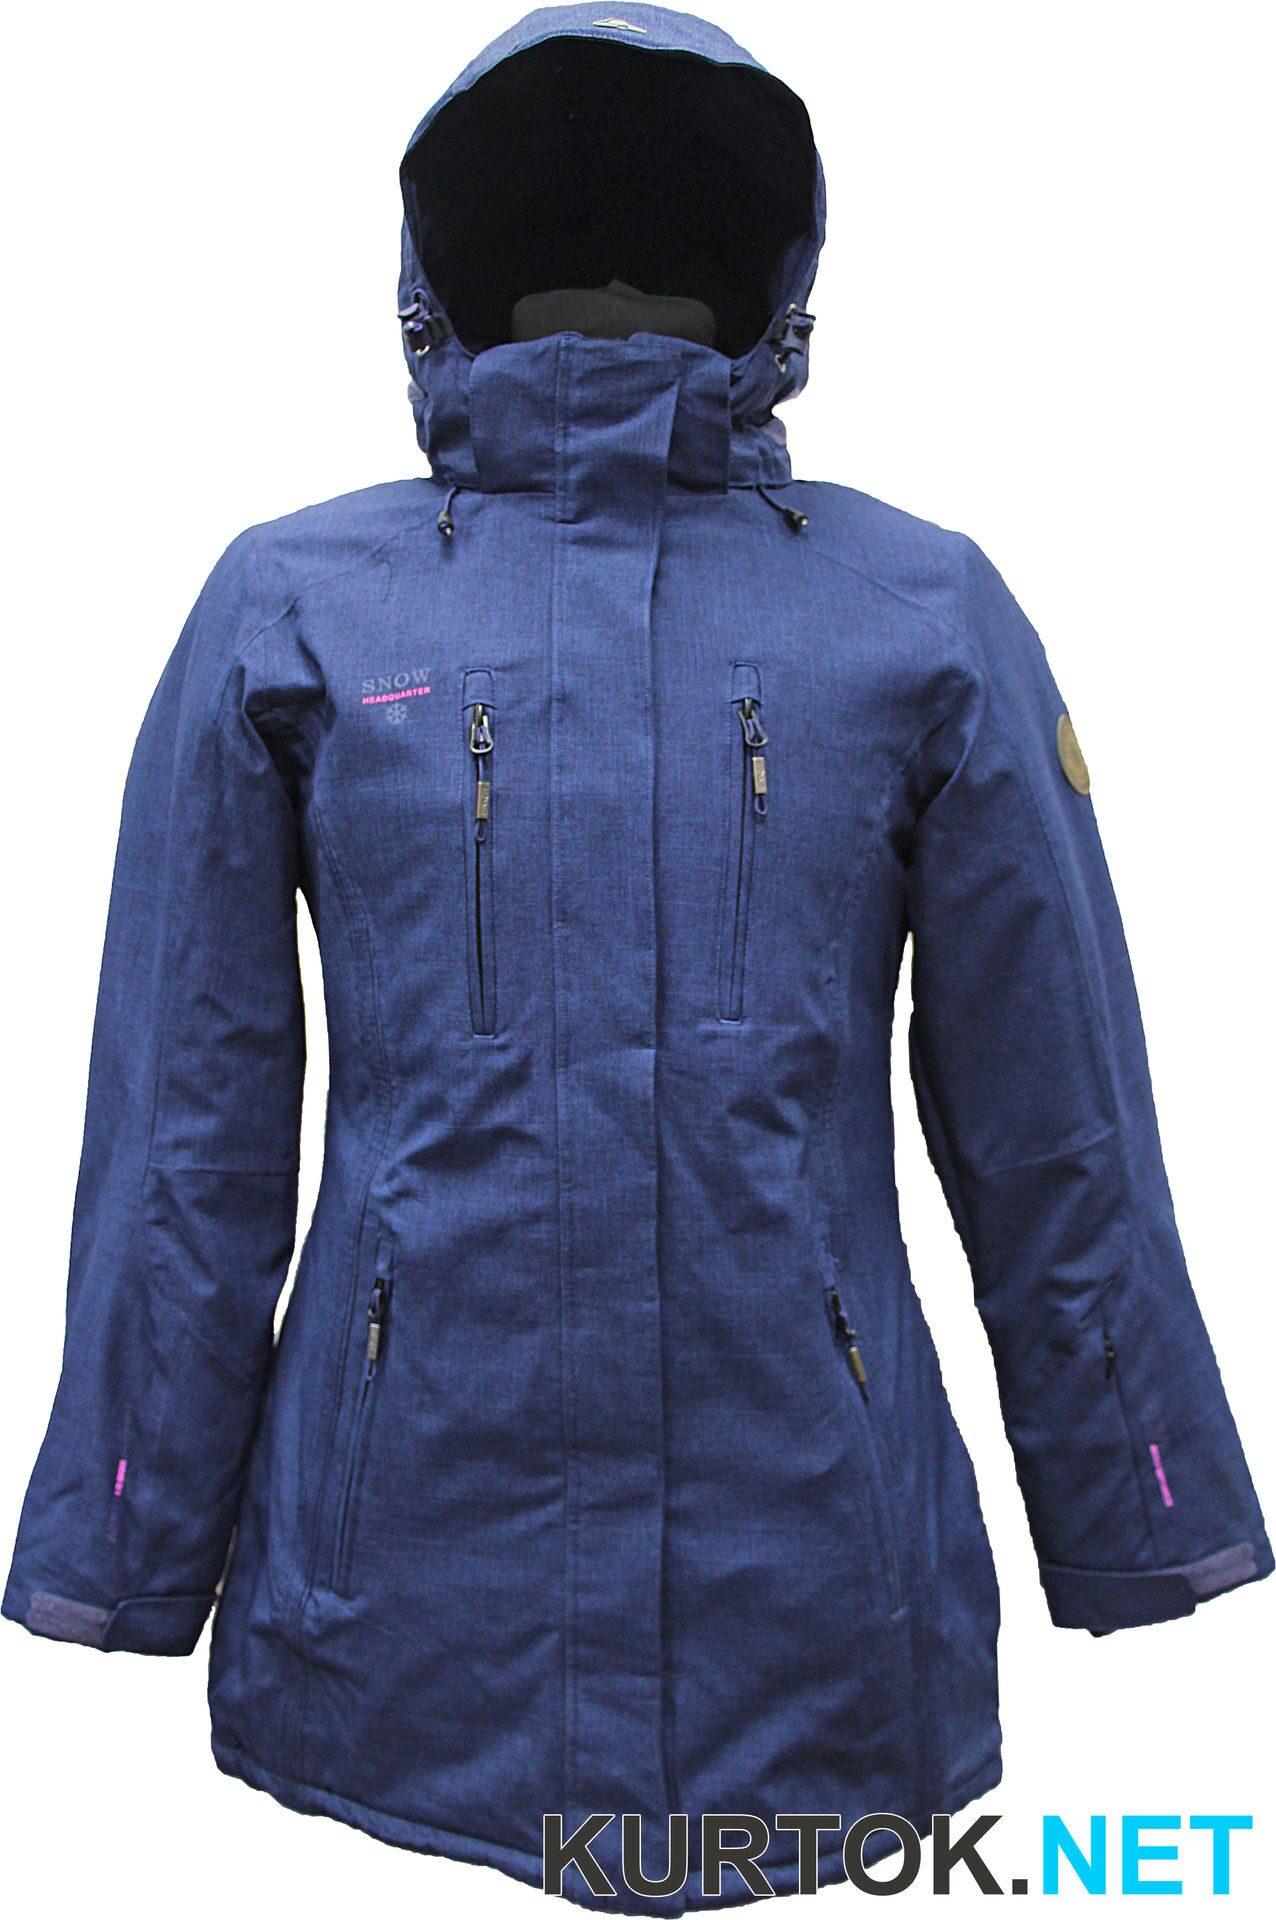 Куртка горнолыжная удлиненная женская (темно-синяя) Snow Headquarter ... 92a7721107188